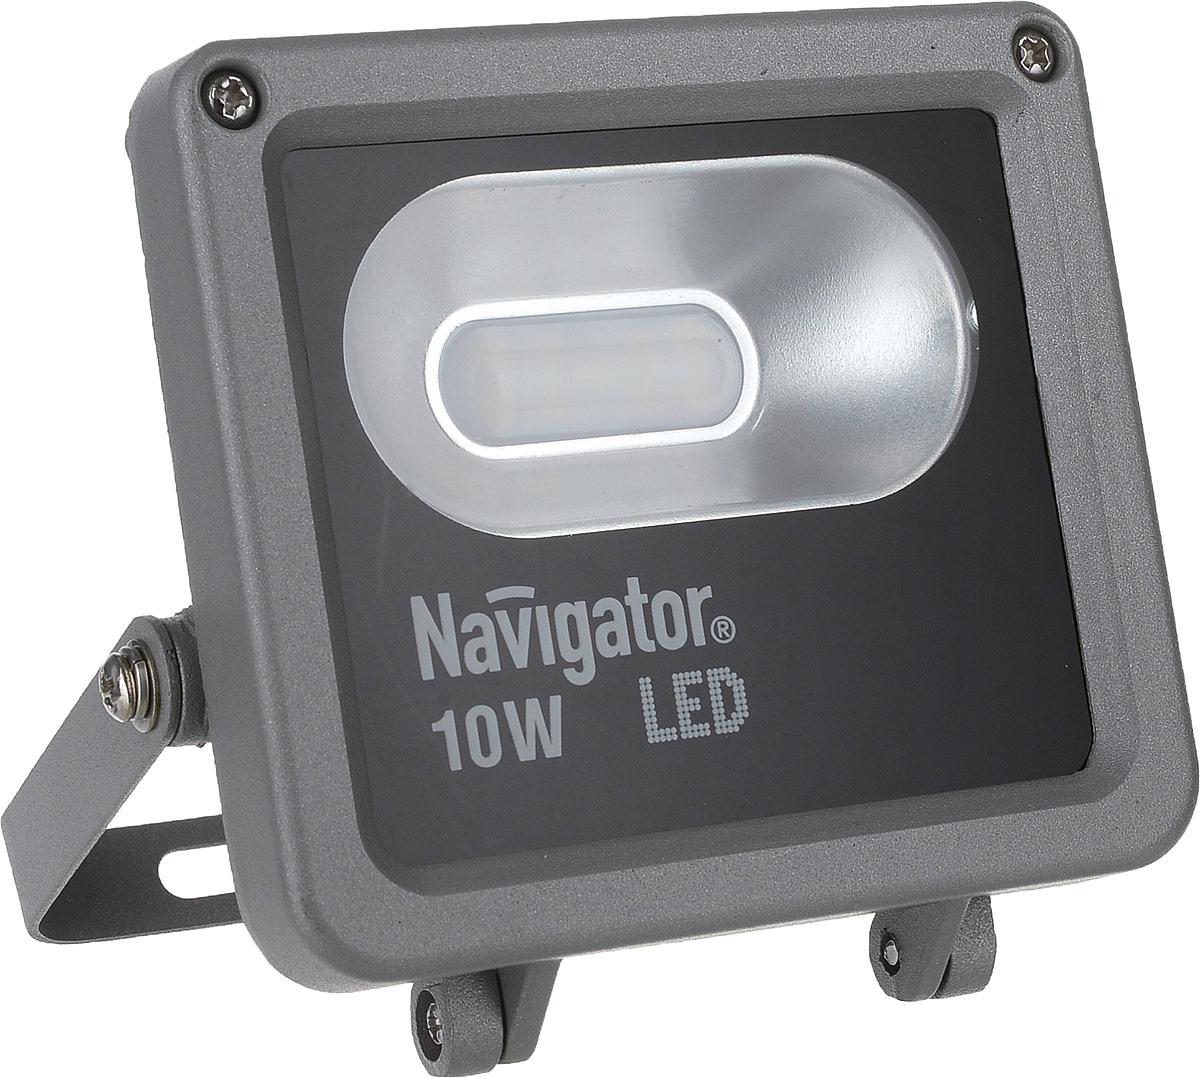 Прожектор Navigator NFL-M-10-4K-IP65-LED используется для освещения предметов и объектов,  удаленных на расстояния, многократно превышающие размер самого прибора. Прожекторы  общего назначения применяются при освещении рабочих периметров, открытых  территорий, зданий и памятников. Особенности:  Компактный алюминиевый корпус с увеличенной площадью рассеивания. Специальный матовый рассеиватель, закрывающий светодиоды. Алюминиевый рефлектор. Установочный кронштейн. Технические характеристики: Мощность: 10 Вт. Световой поток: 600 лм. Цветовая температура: 4000 К. Индекс цветопередачи: >75. Степень защиты: IP65. Напряжение: 165-265 В. Частота: 50 Гц. Коэффициент мощности: >0,6. Температура эксплуатации: от -30 до +40°C. Срок службы: 30 000 ч.